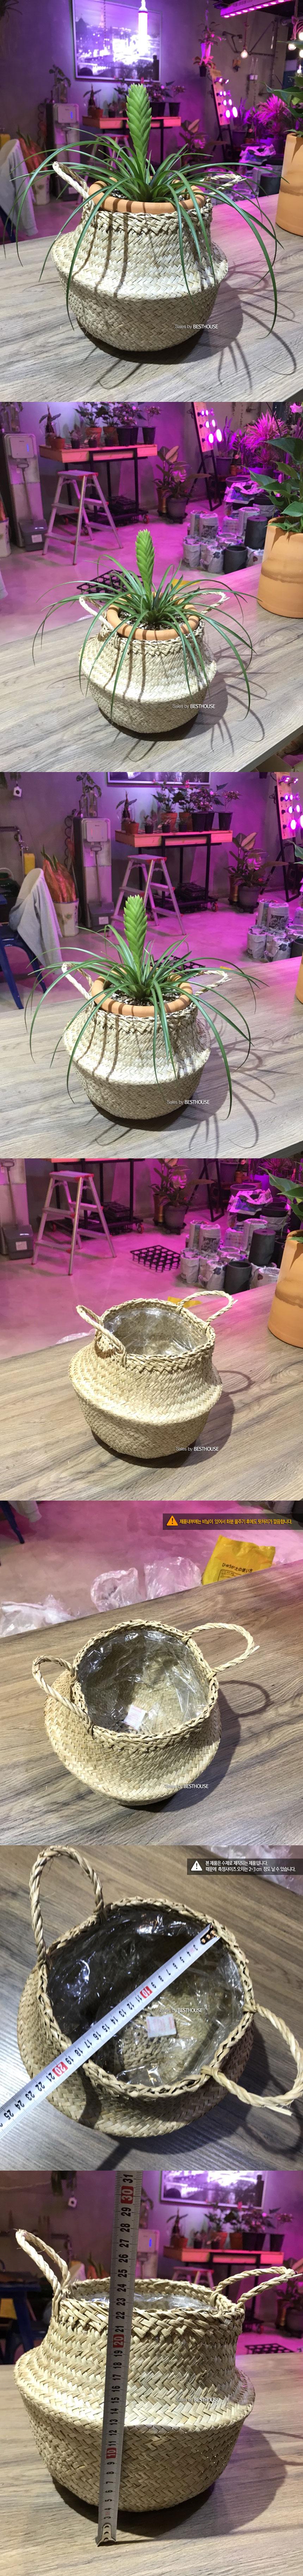 베하.화분바구니-왕골 화분 커버 (소소형) 19x23cm